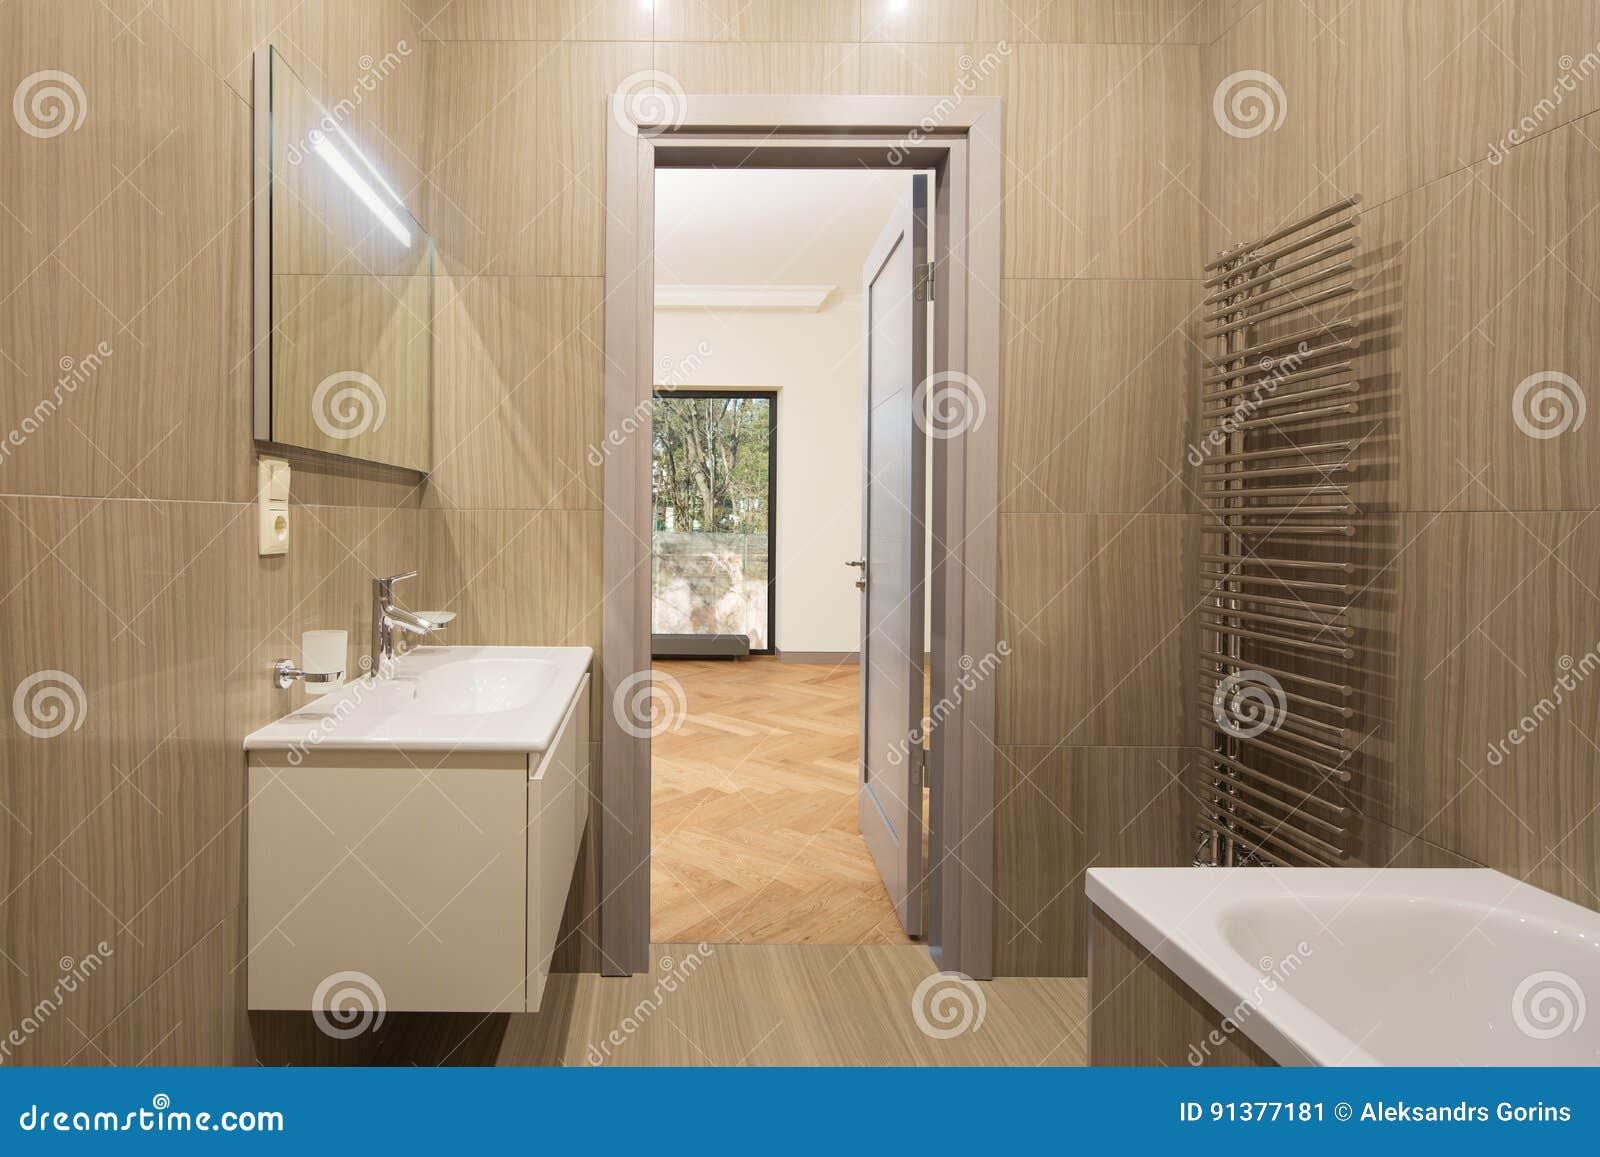 Sala Da Bagno Moderna : Stanza da bagno moderna della stazione termale immagine stock